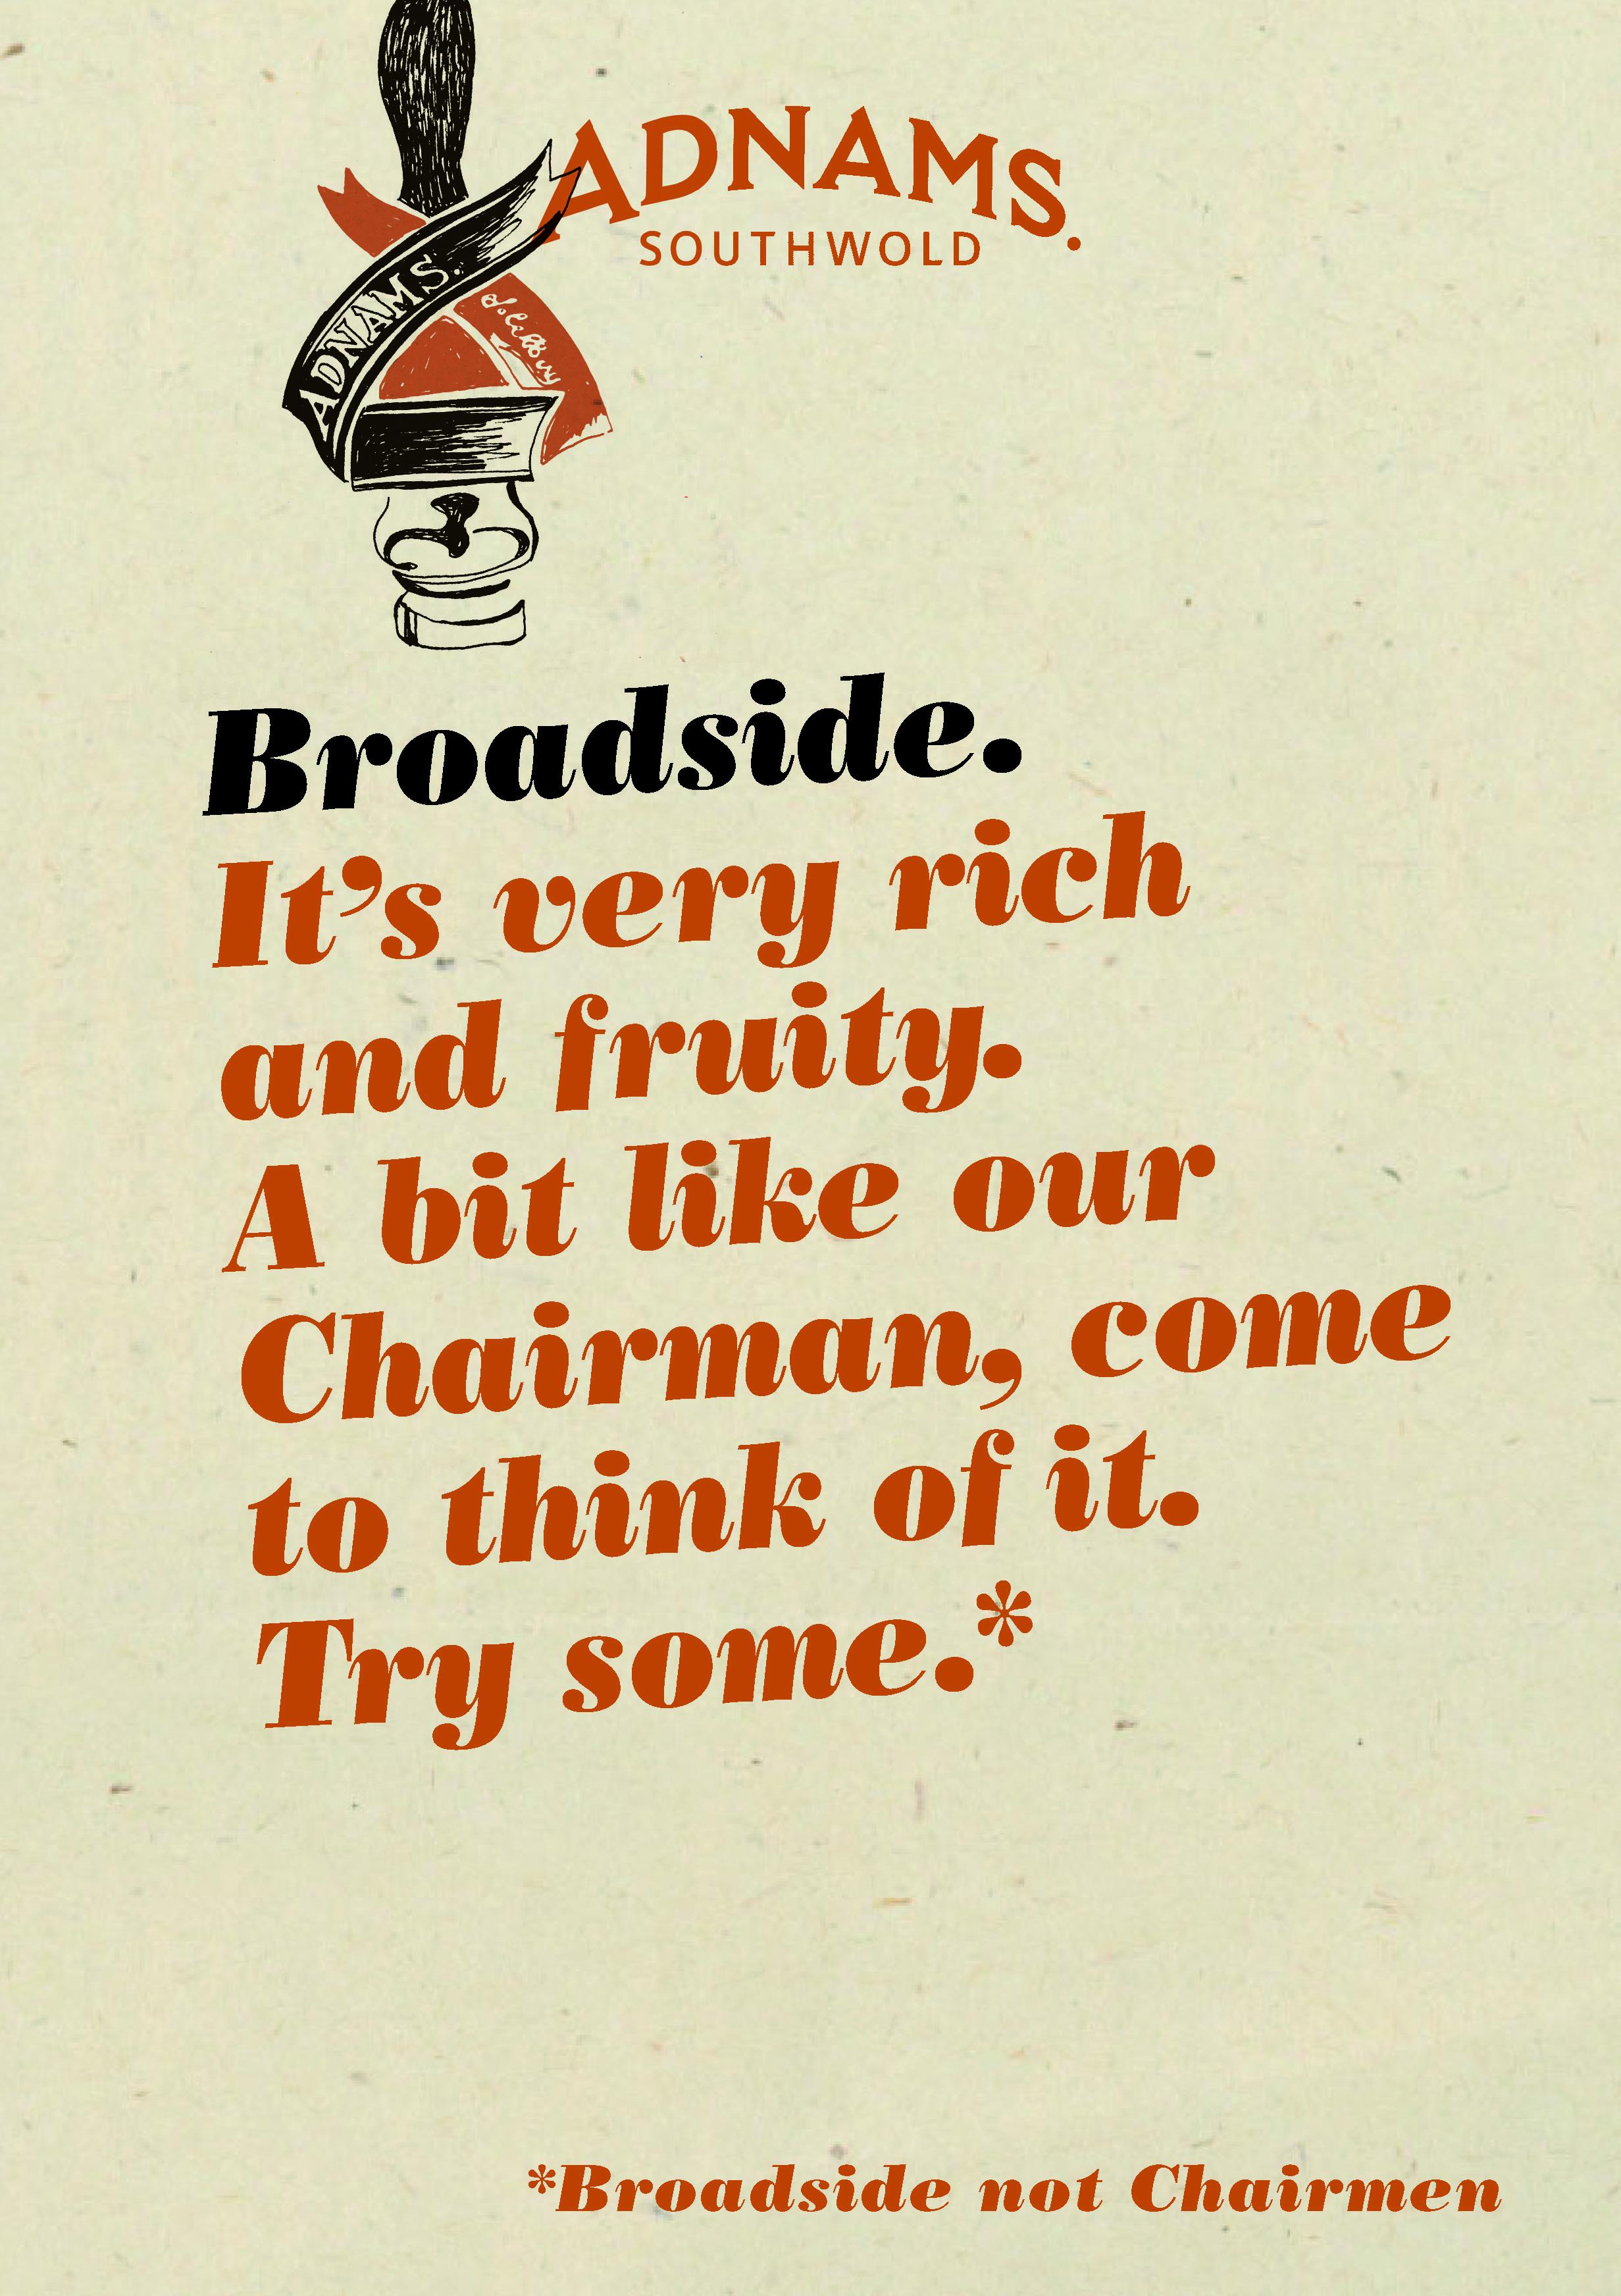 'It's Very Rich 2' Broadside, Adnams.jpg